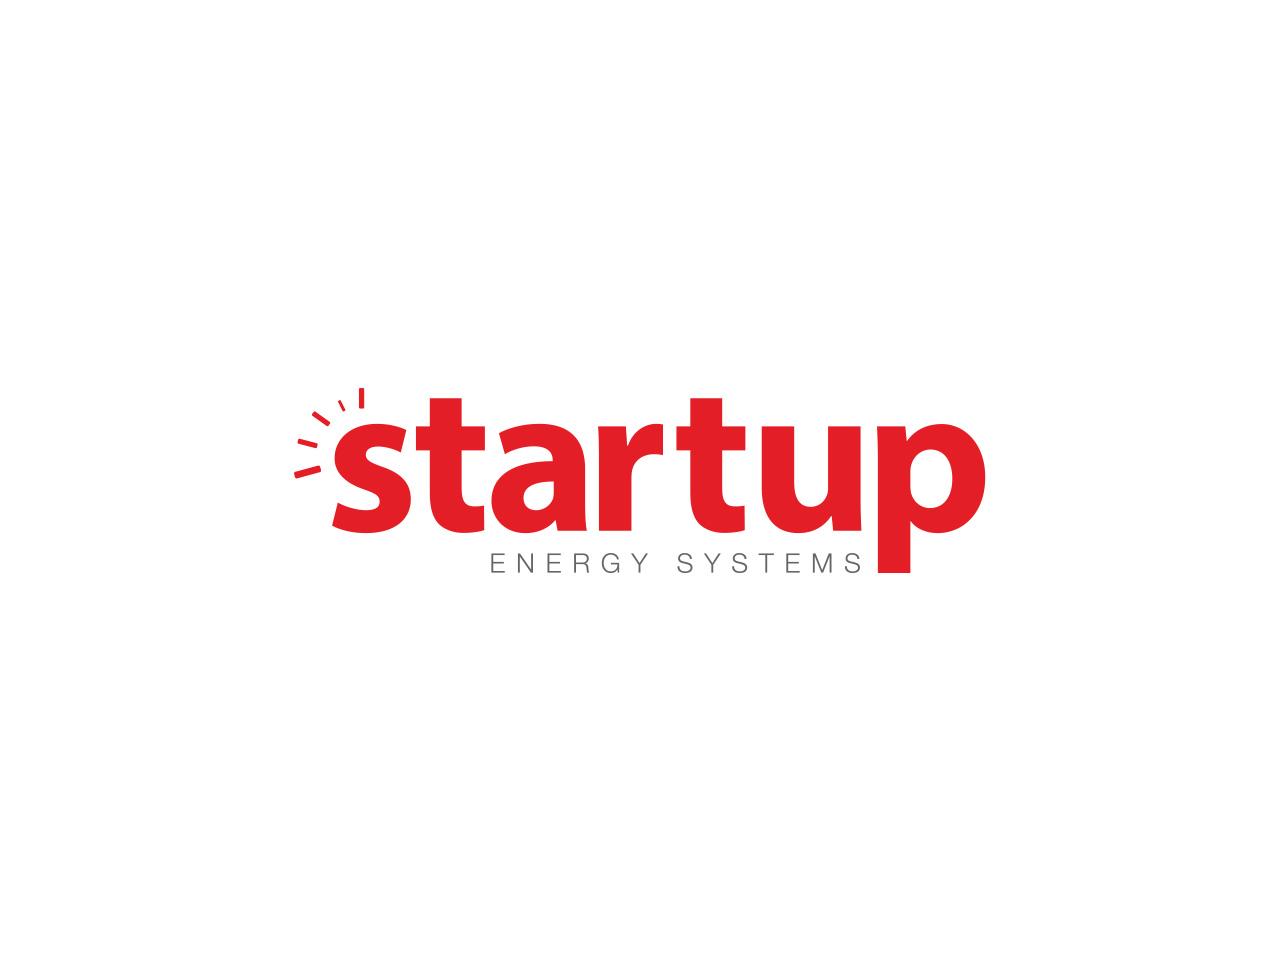 startup-logo-tasarim-1